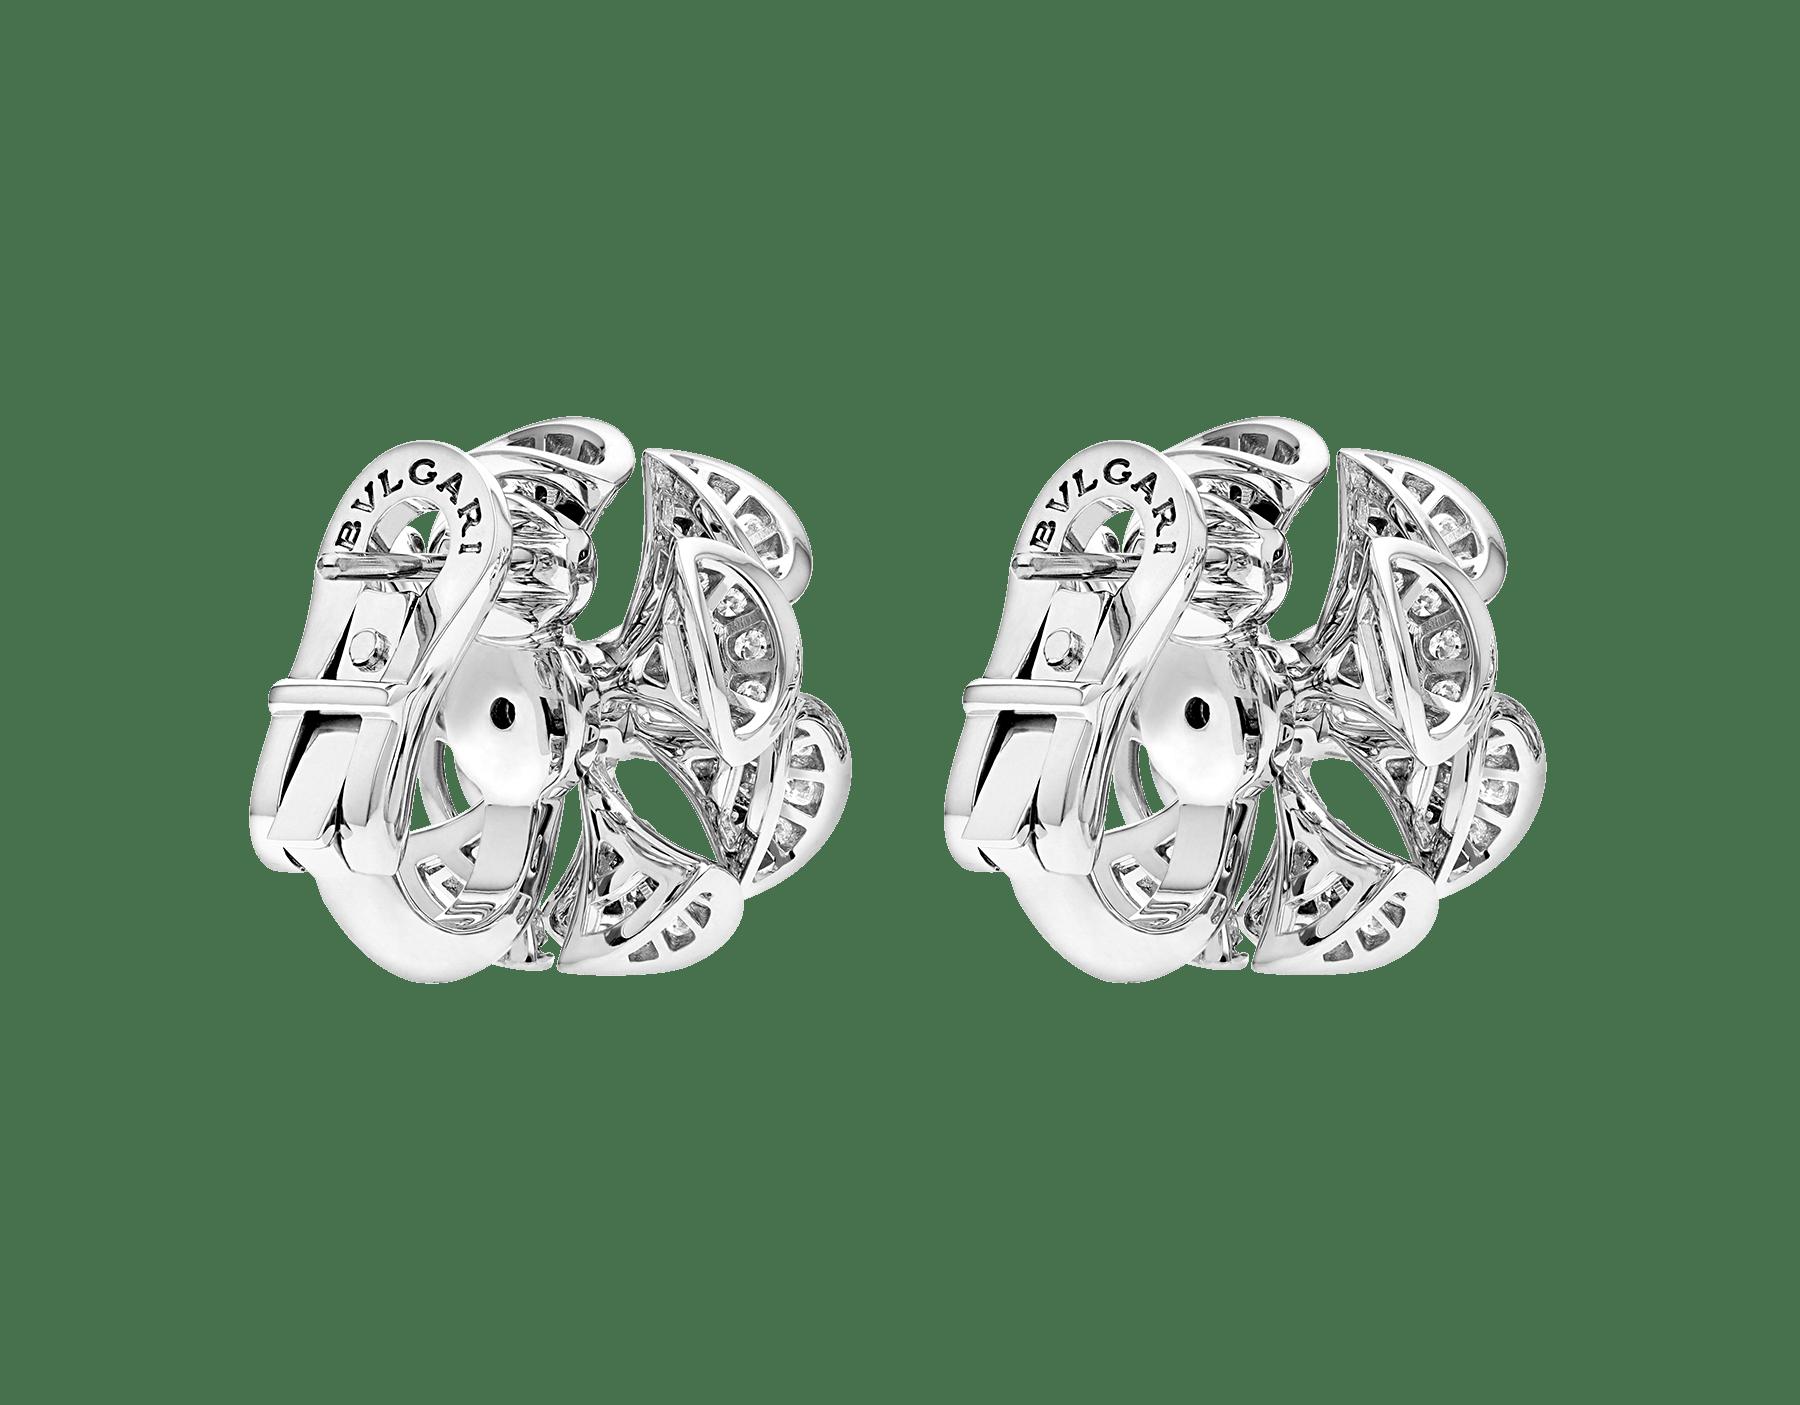 Les boucles d'oreilles DIVAS' DREAM règnent en reines sur le jardin du glamour en se parant d'or blanc et de pétales en pavé diamants à l'élégance florale. 350785 image 3